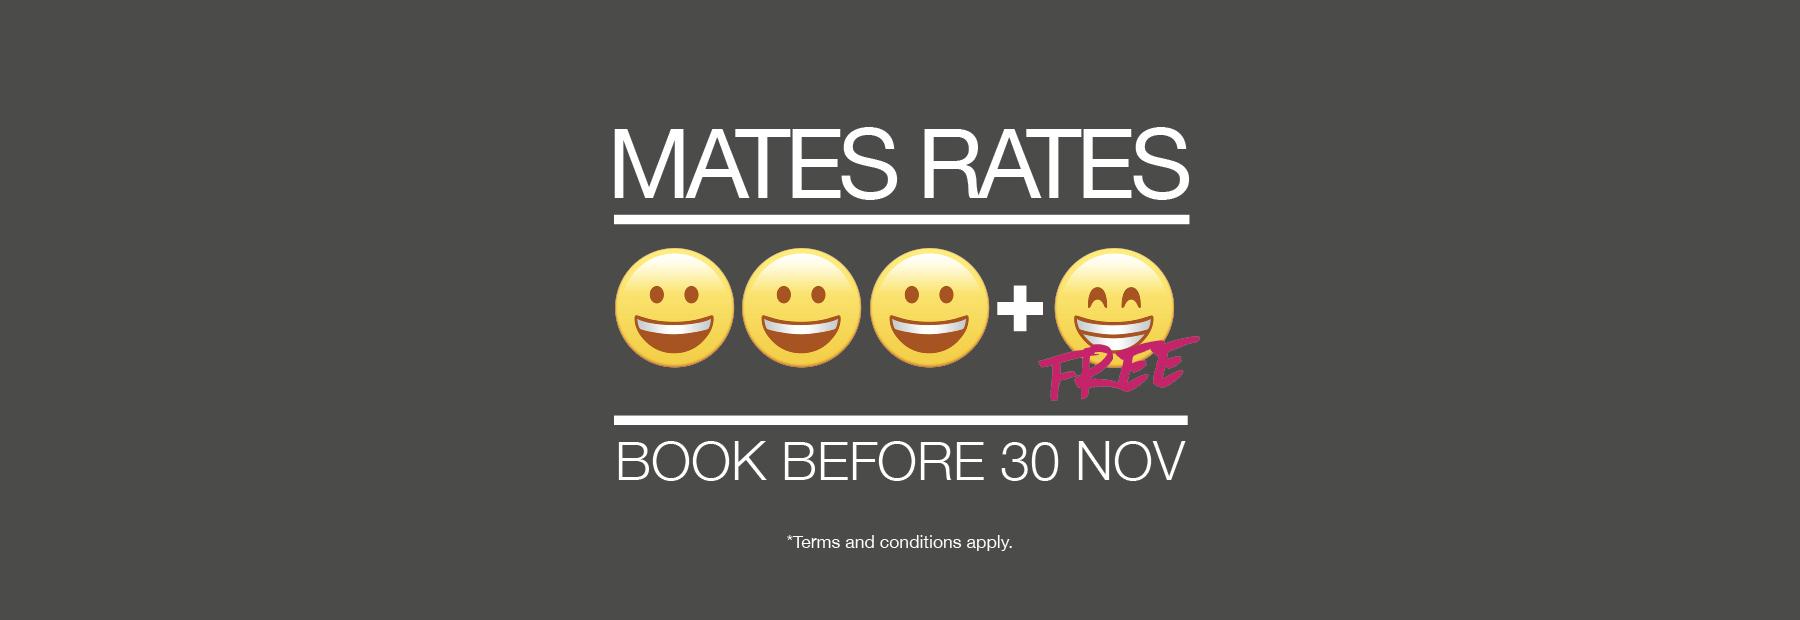 Mates Rates! SA